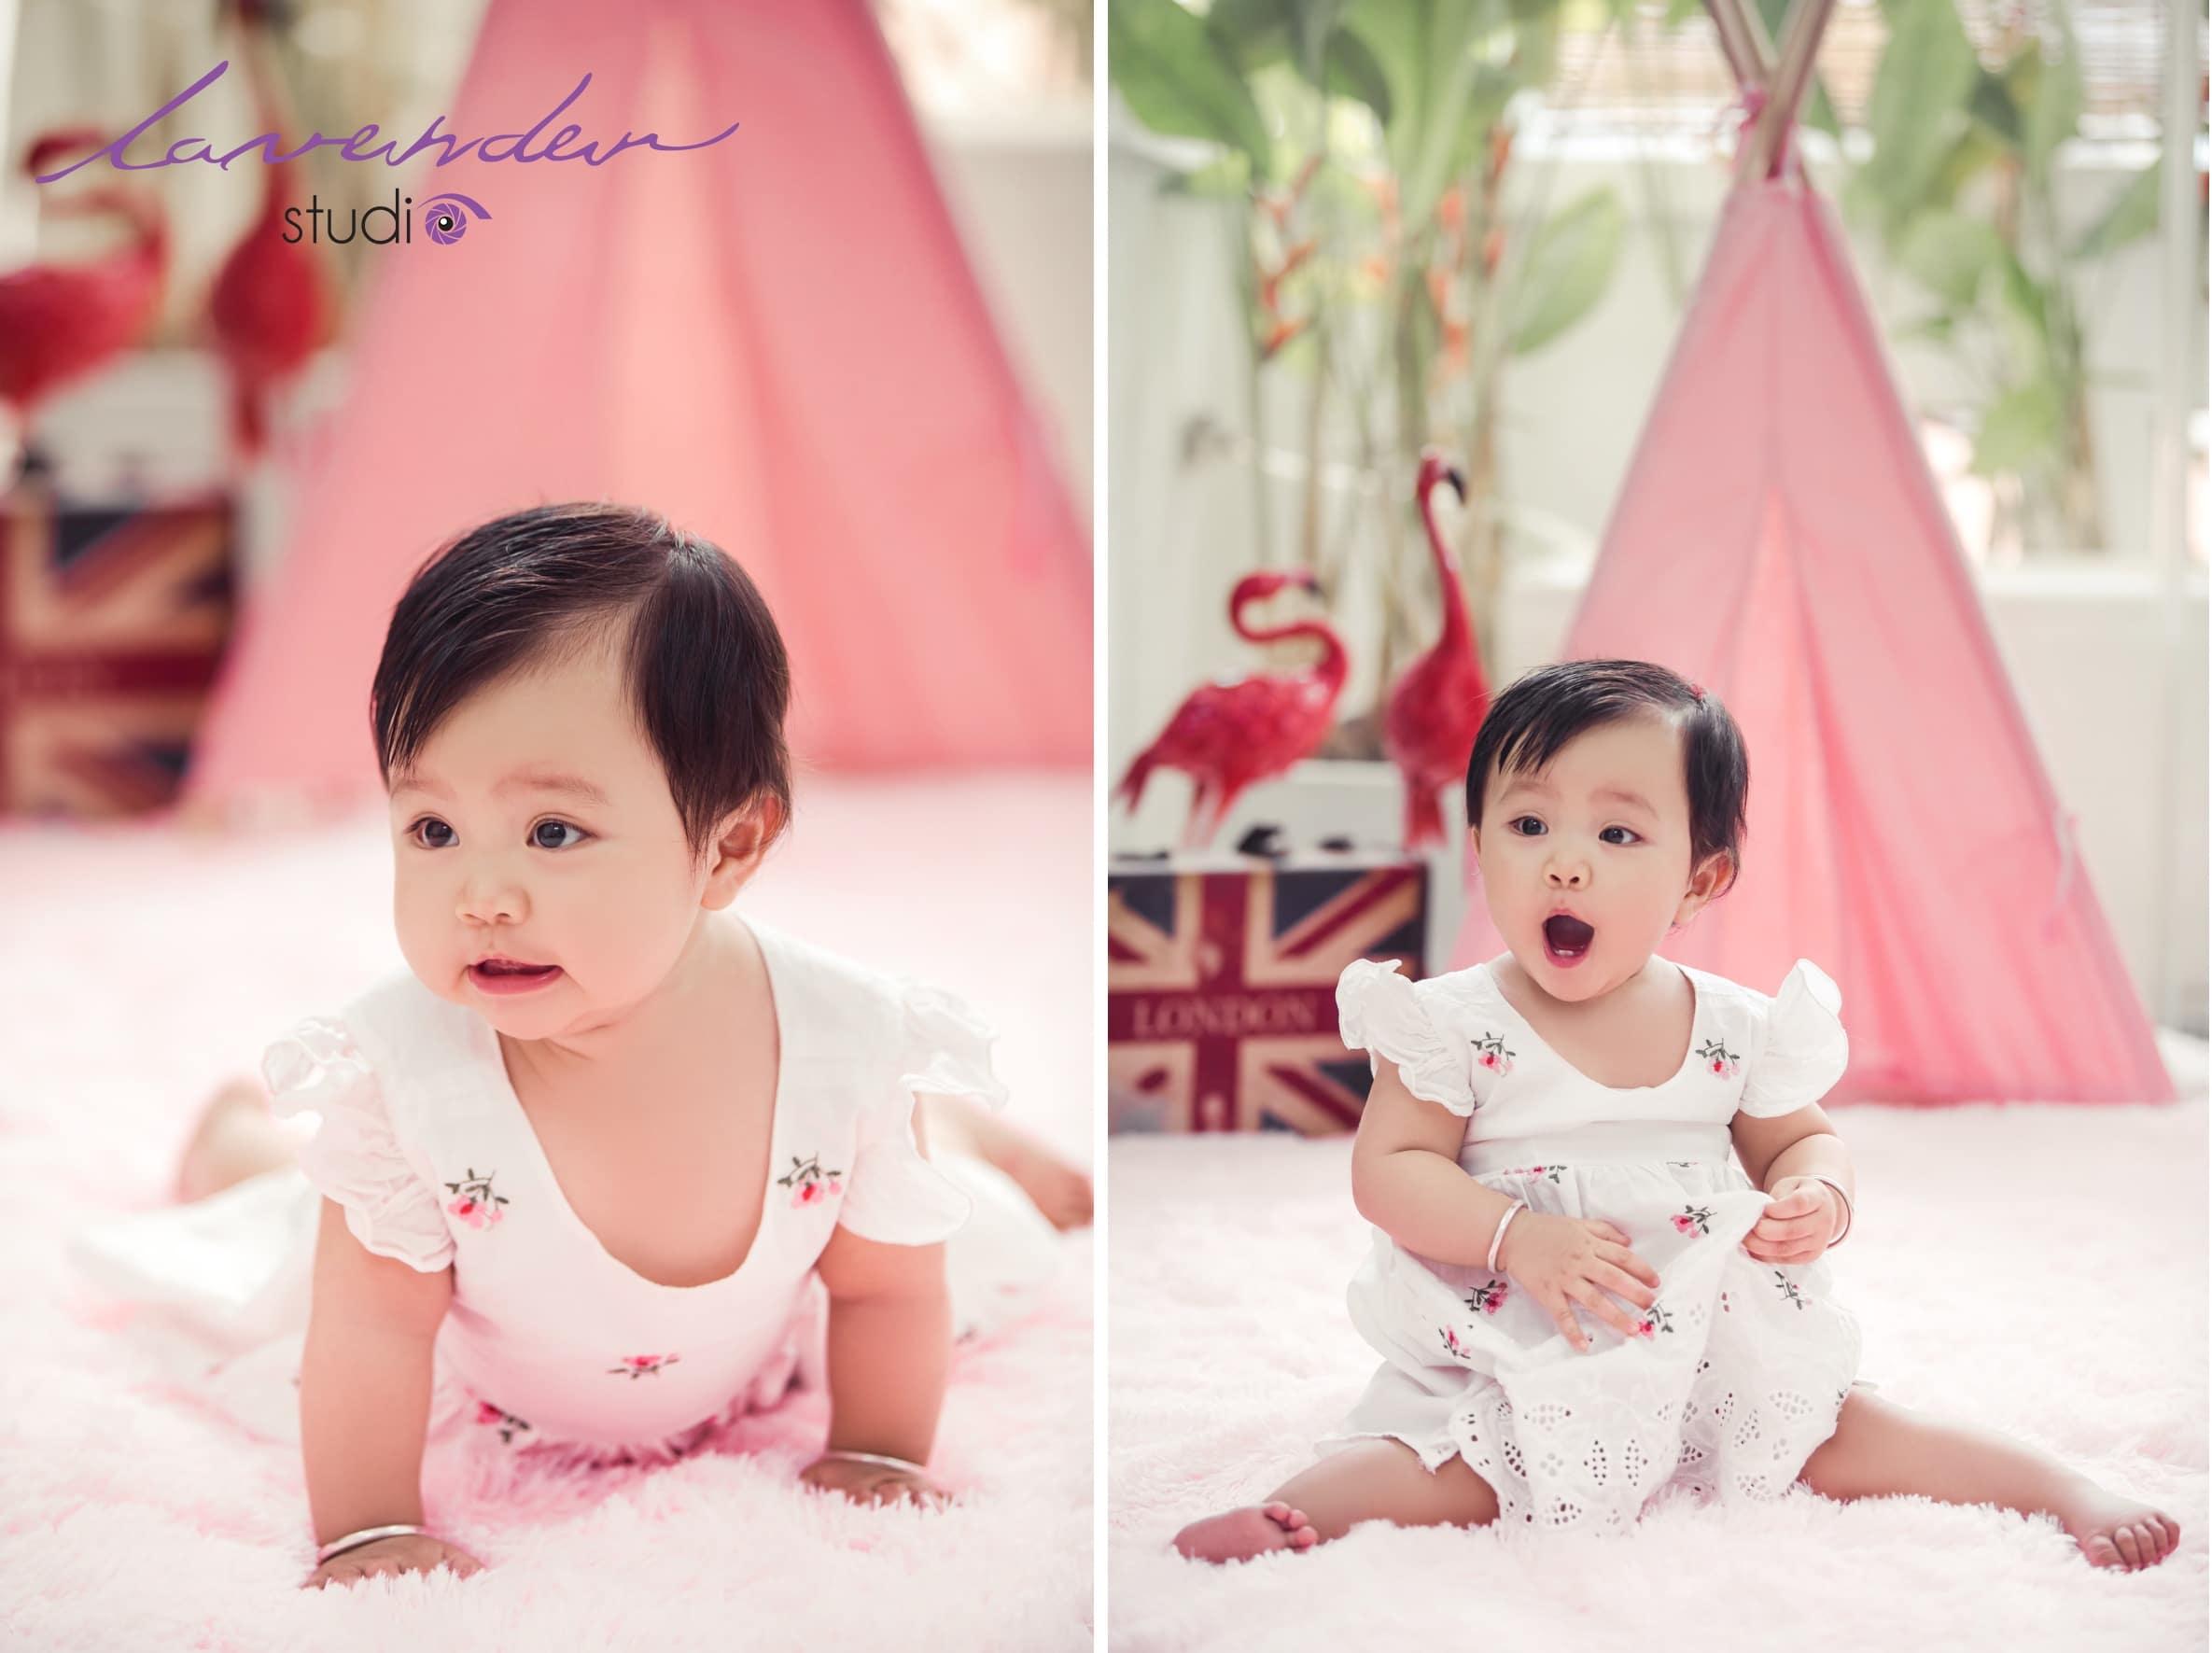 Chụp hình cho bé gái 1 tuổi tại Lavender Studio